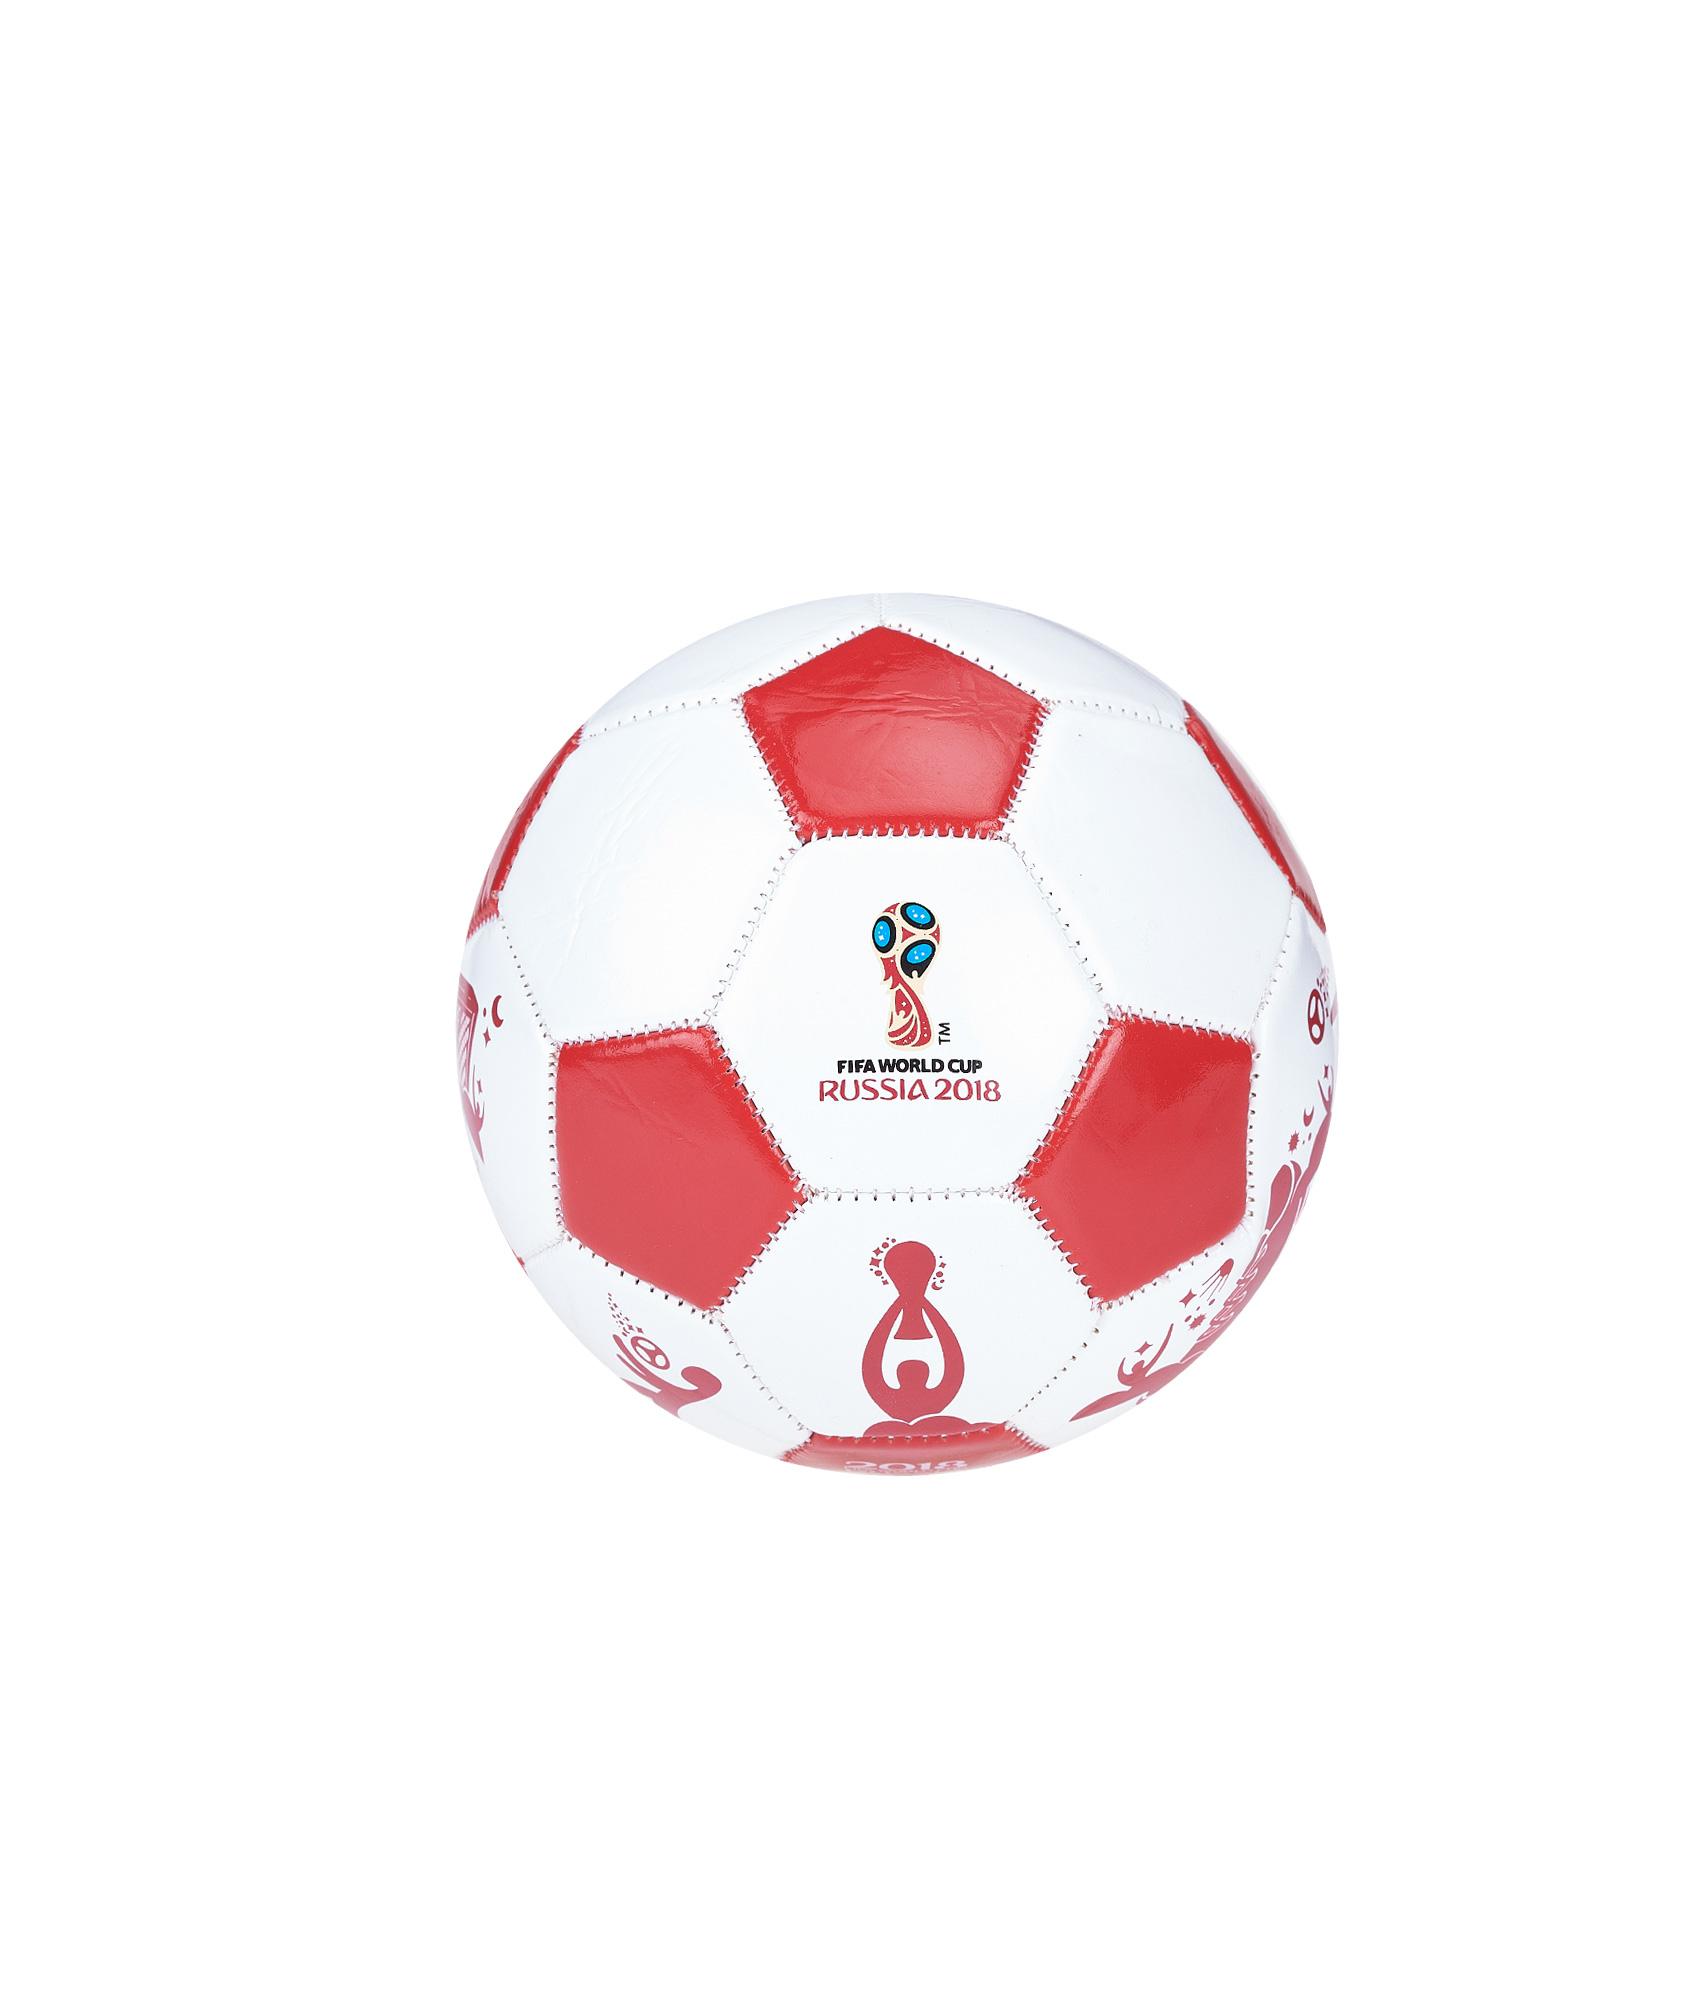 Мяч сувенирный «Пиктограммы» Зенит